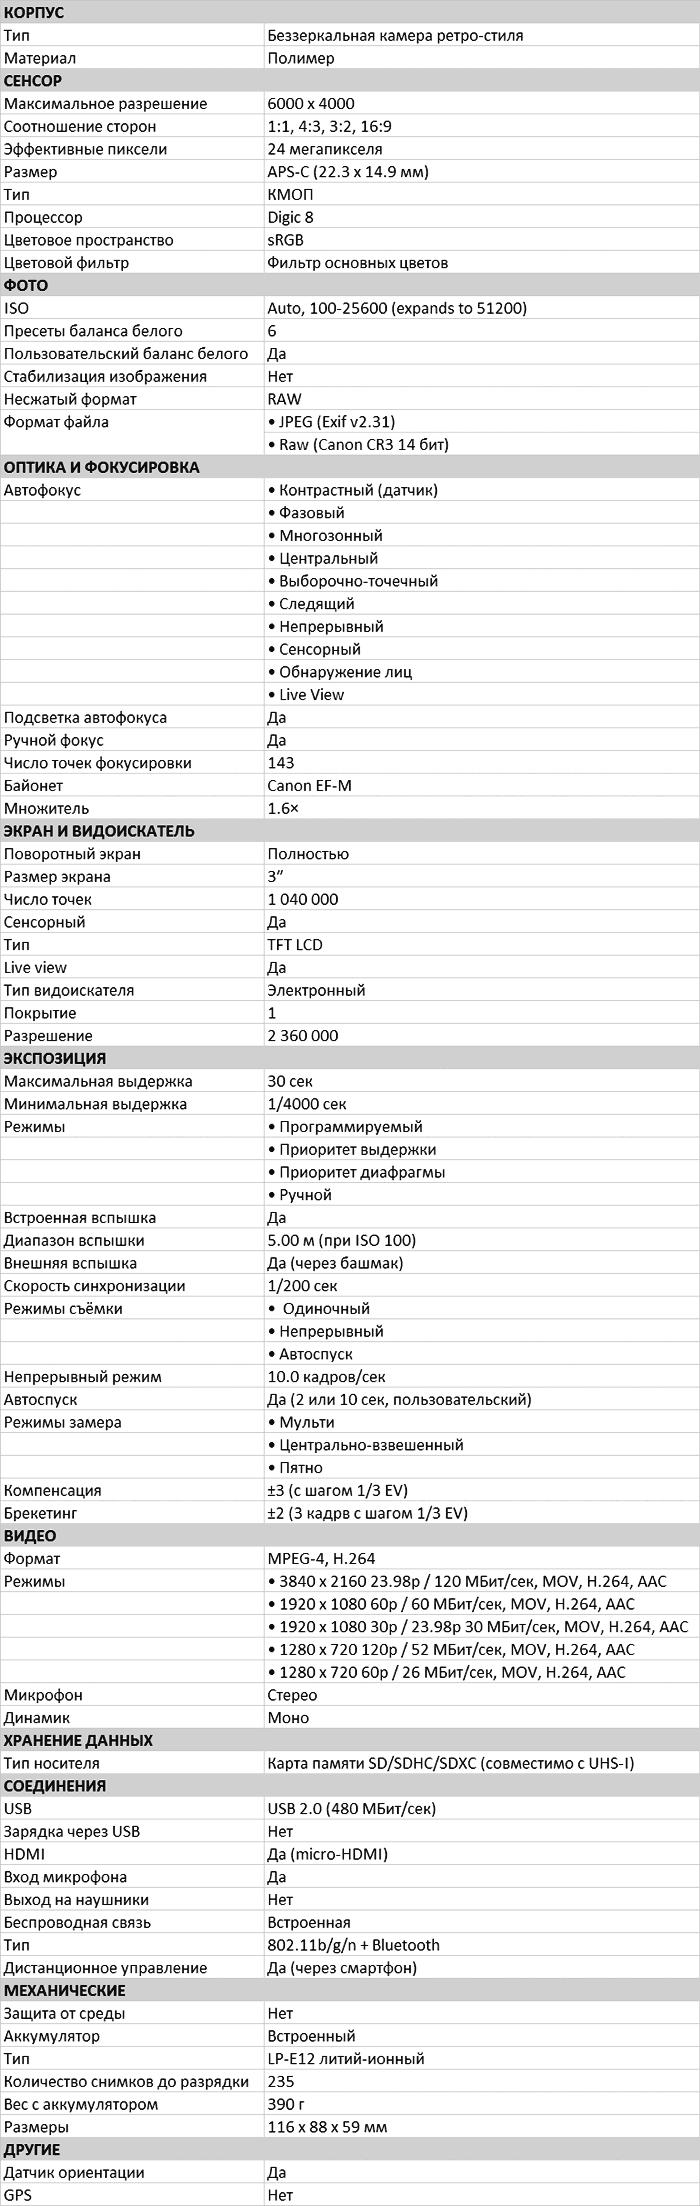 Характеристики EOS M50